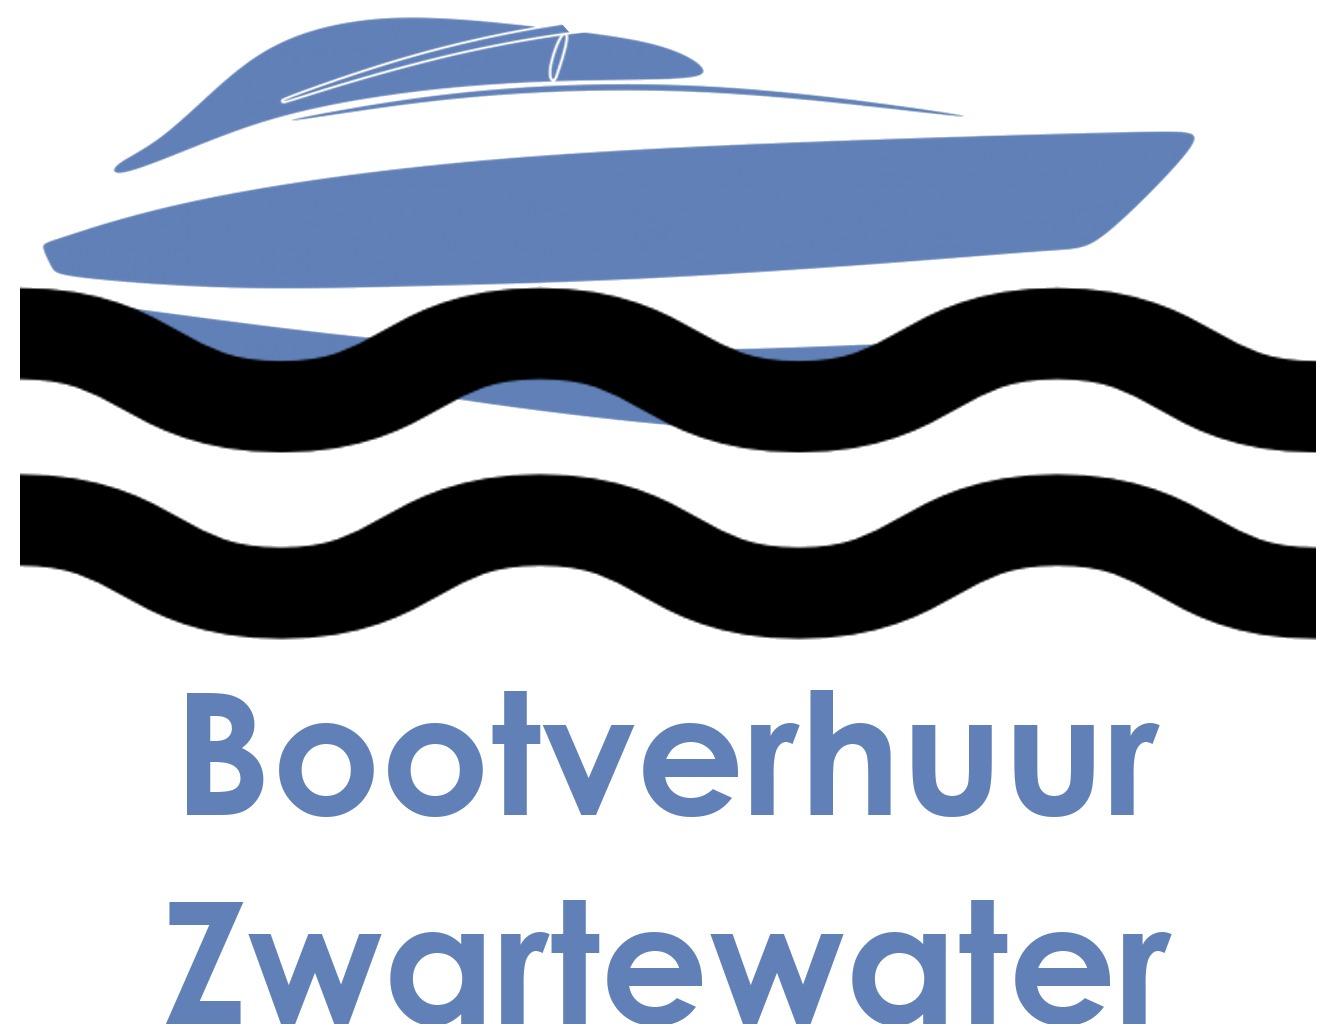 Bootverhuur Zwartewater